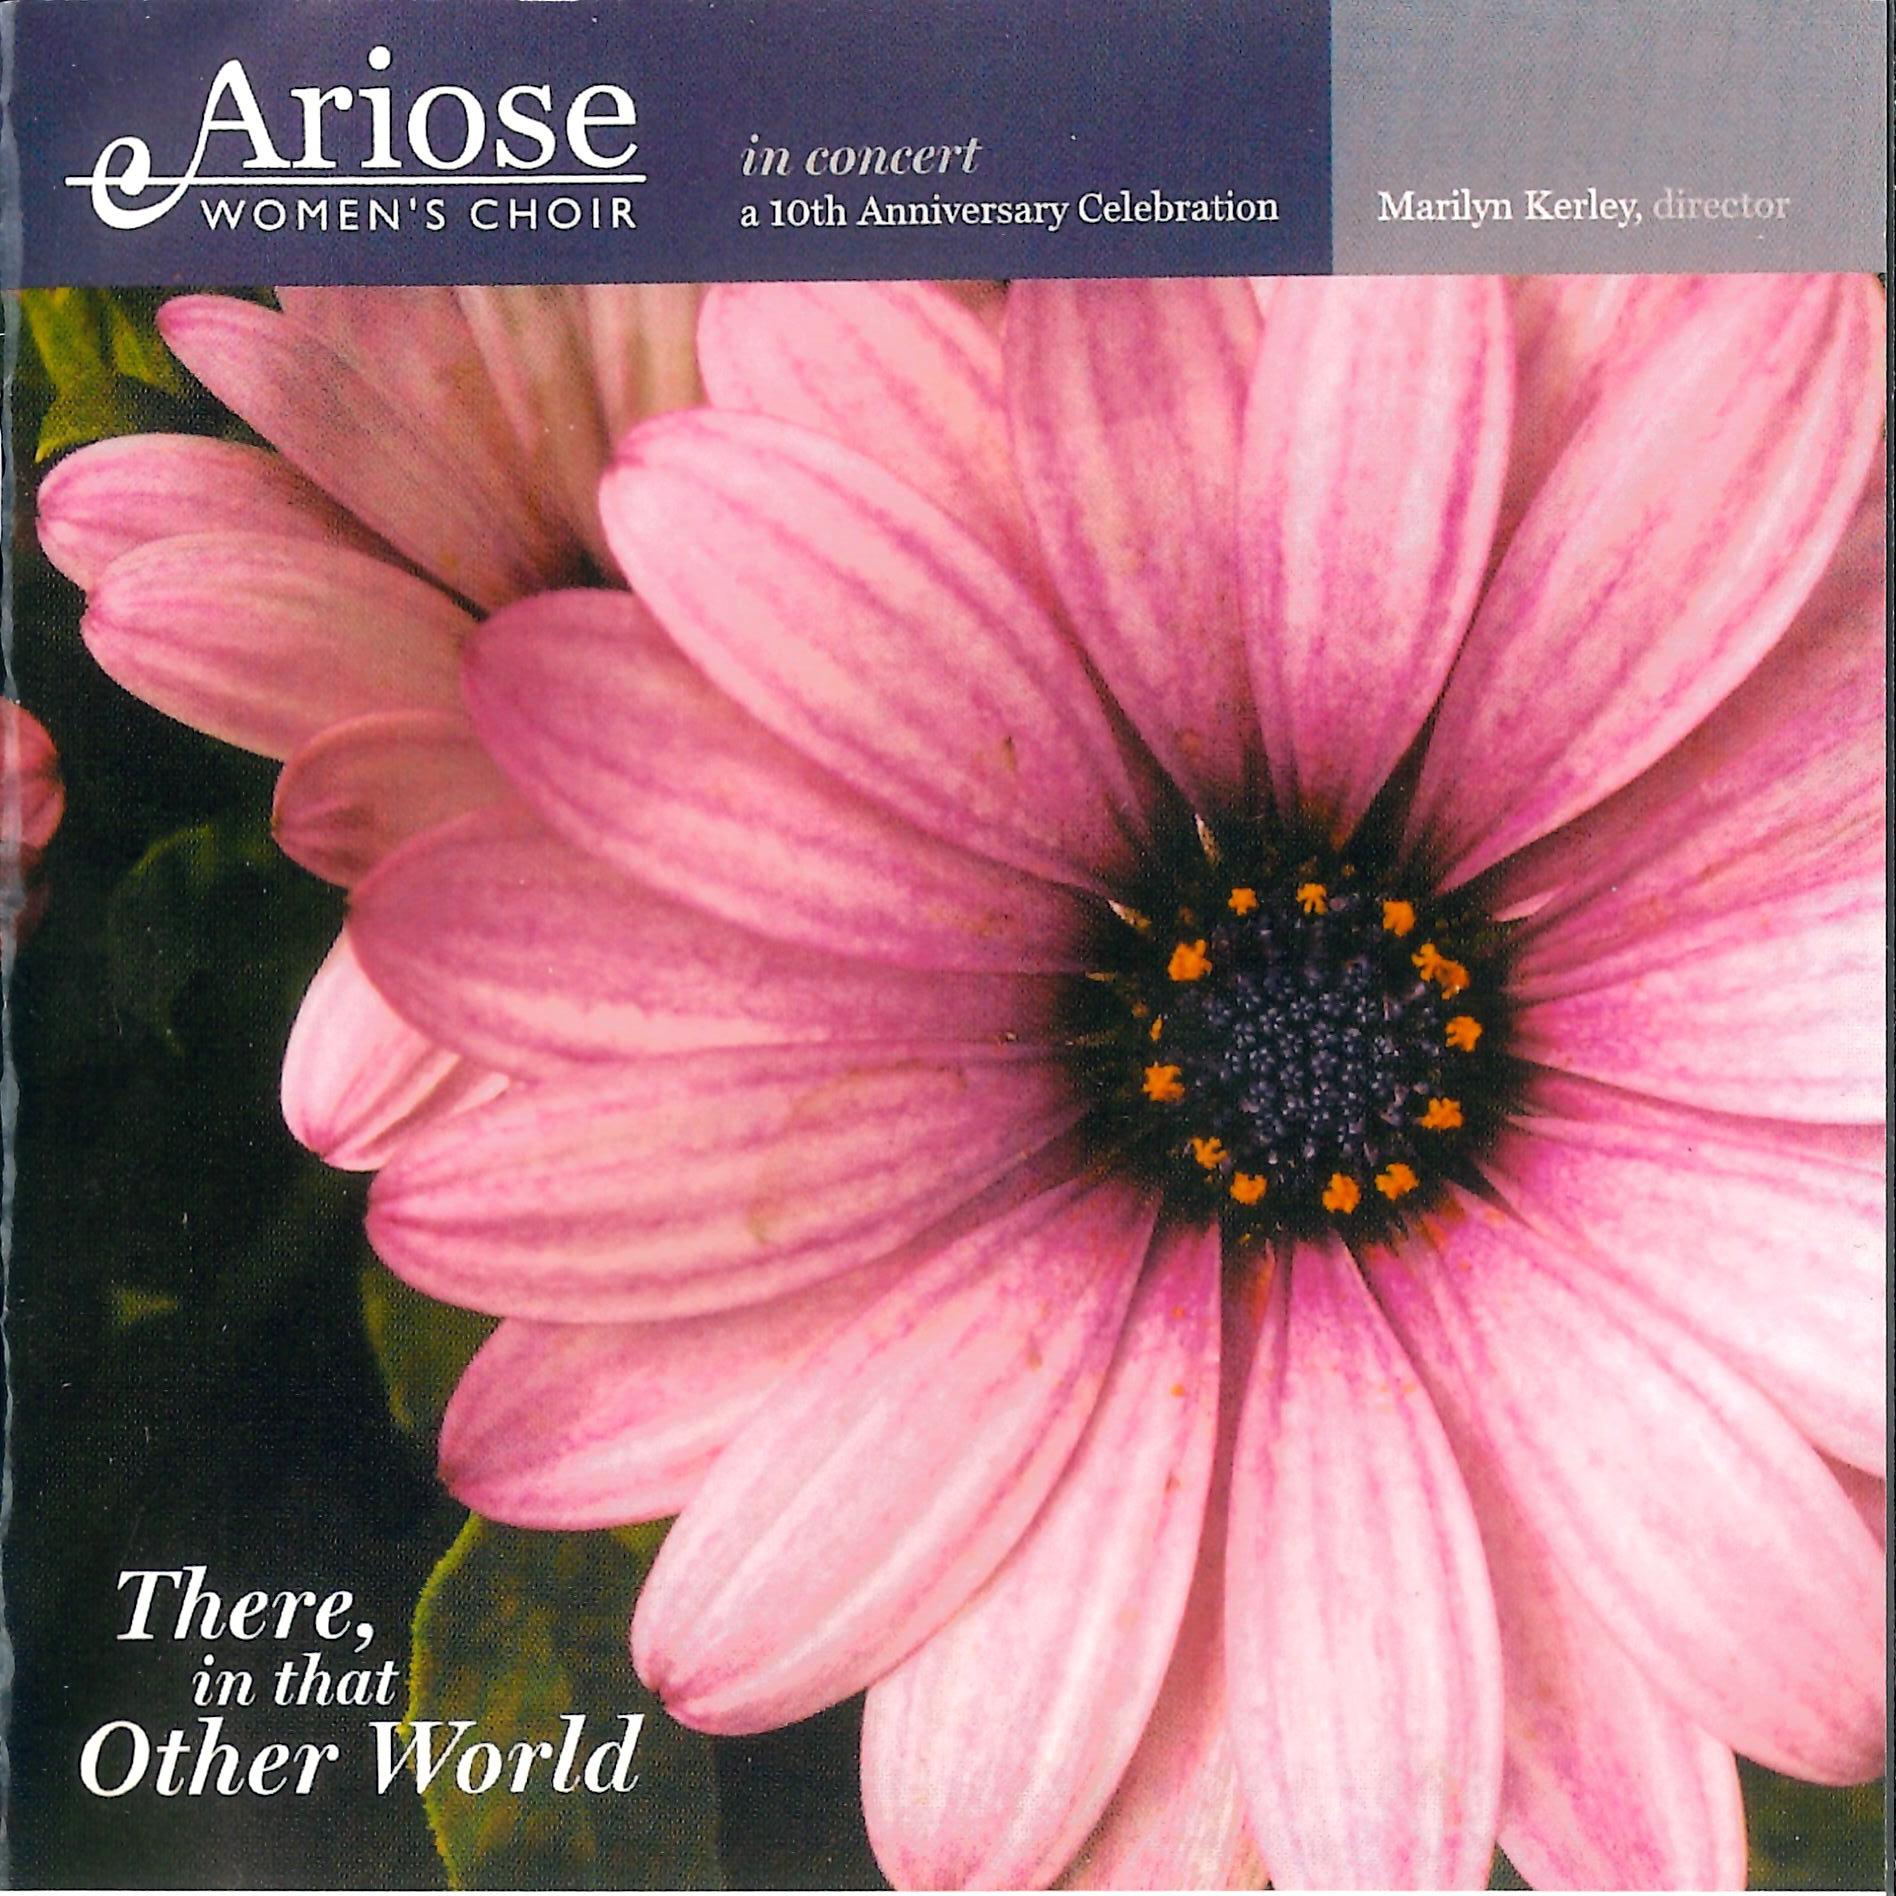 ariose_Page_1.jpg